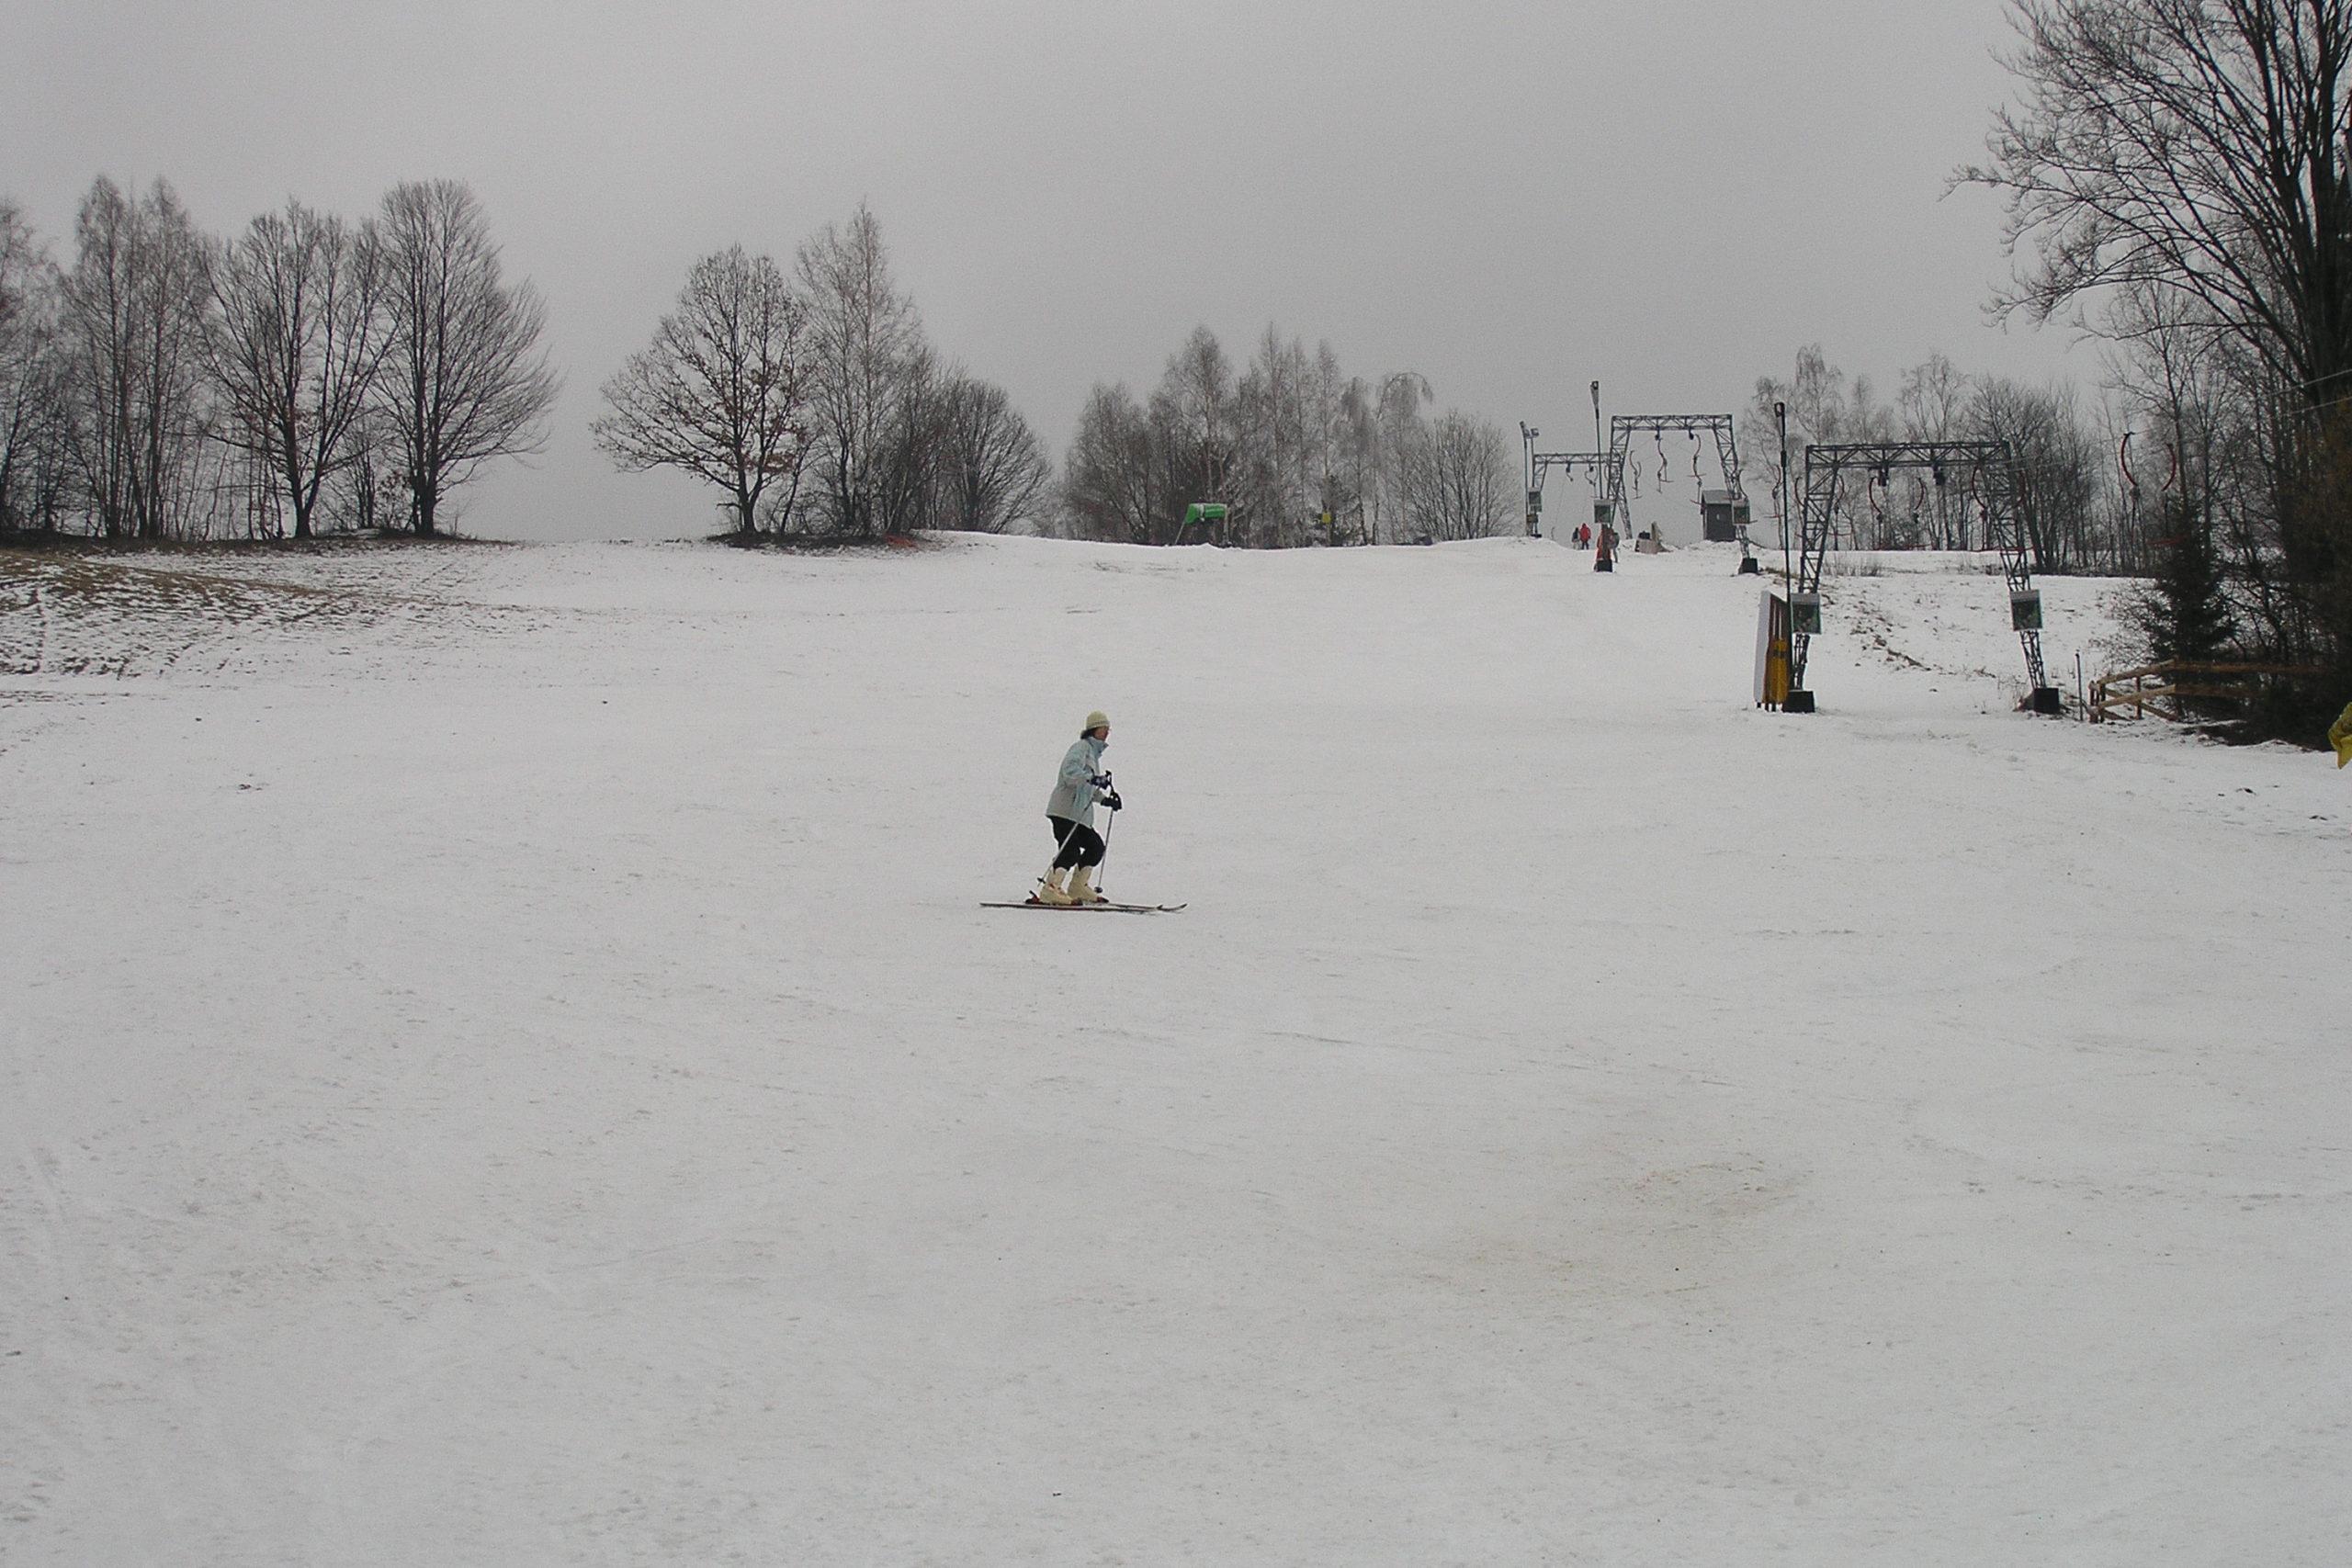 wisła zjazd na nartach